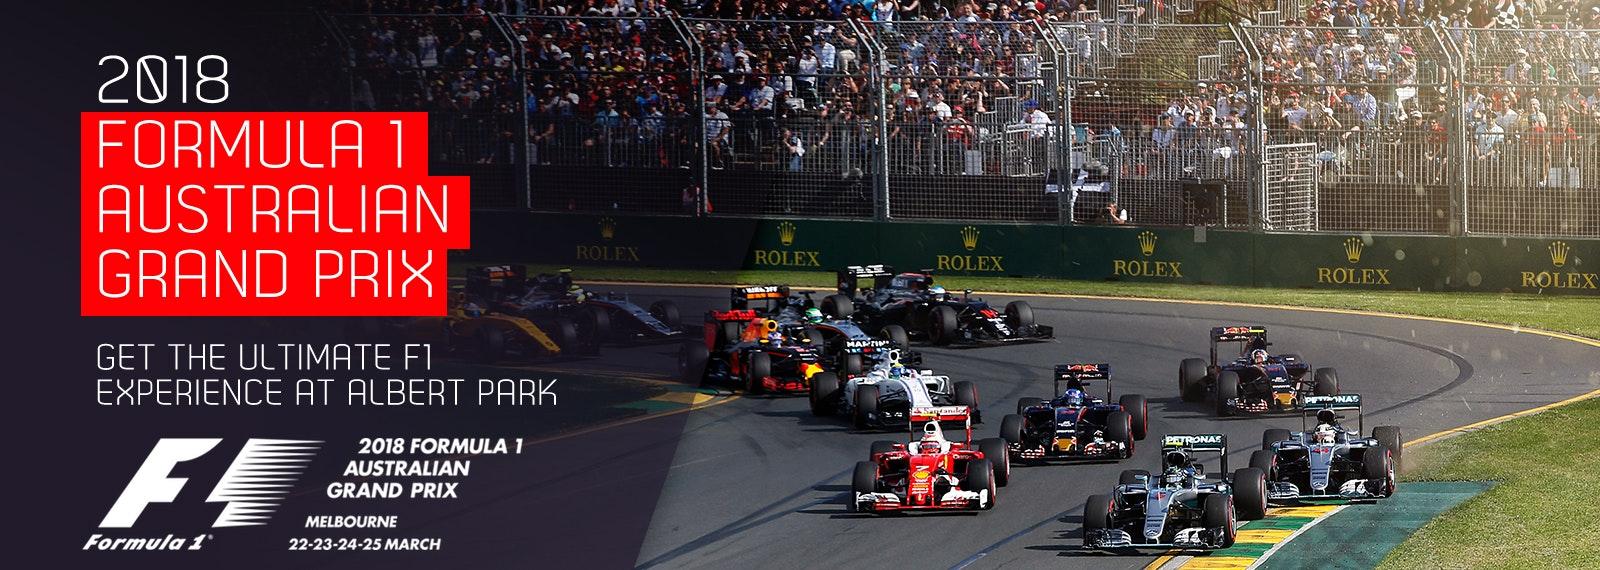 Αποτέλεσμα εικόνας για formula 1 melbourne 2018